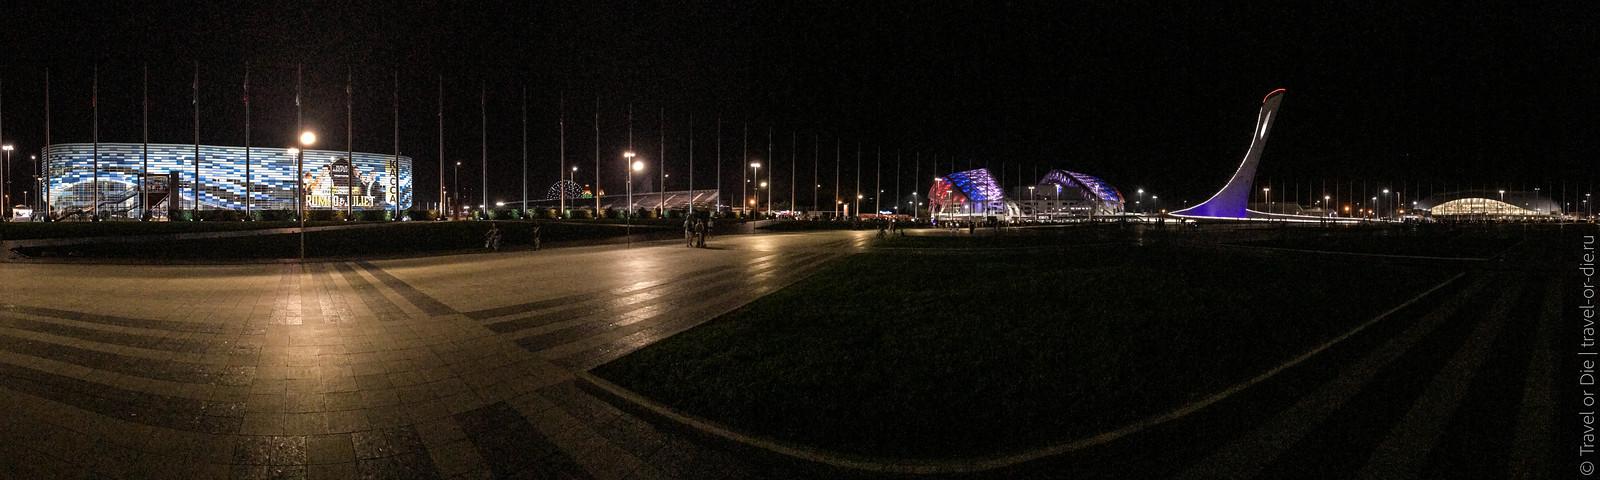 Олимпийский-парк-в-Сочи-Olympic-Park-Sochi-5610